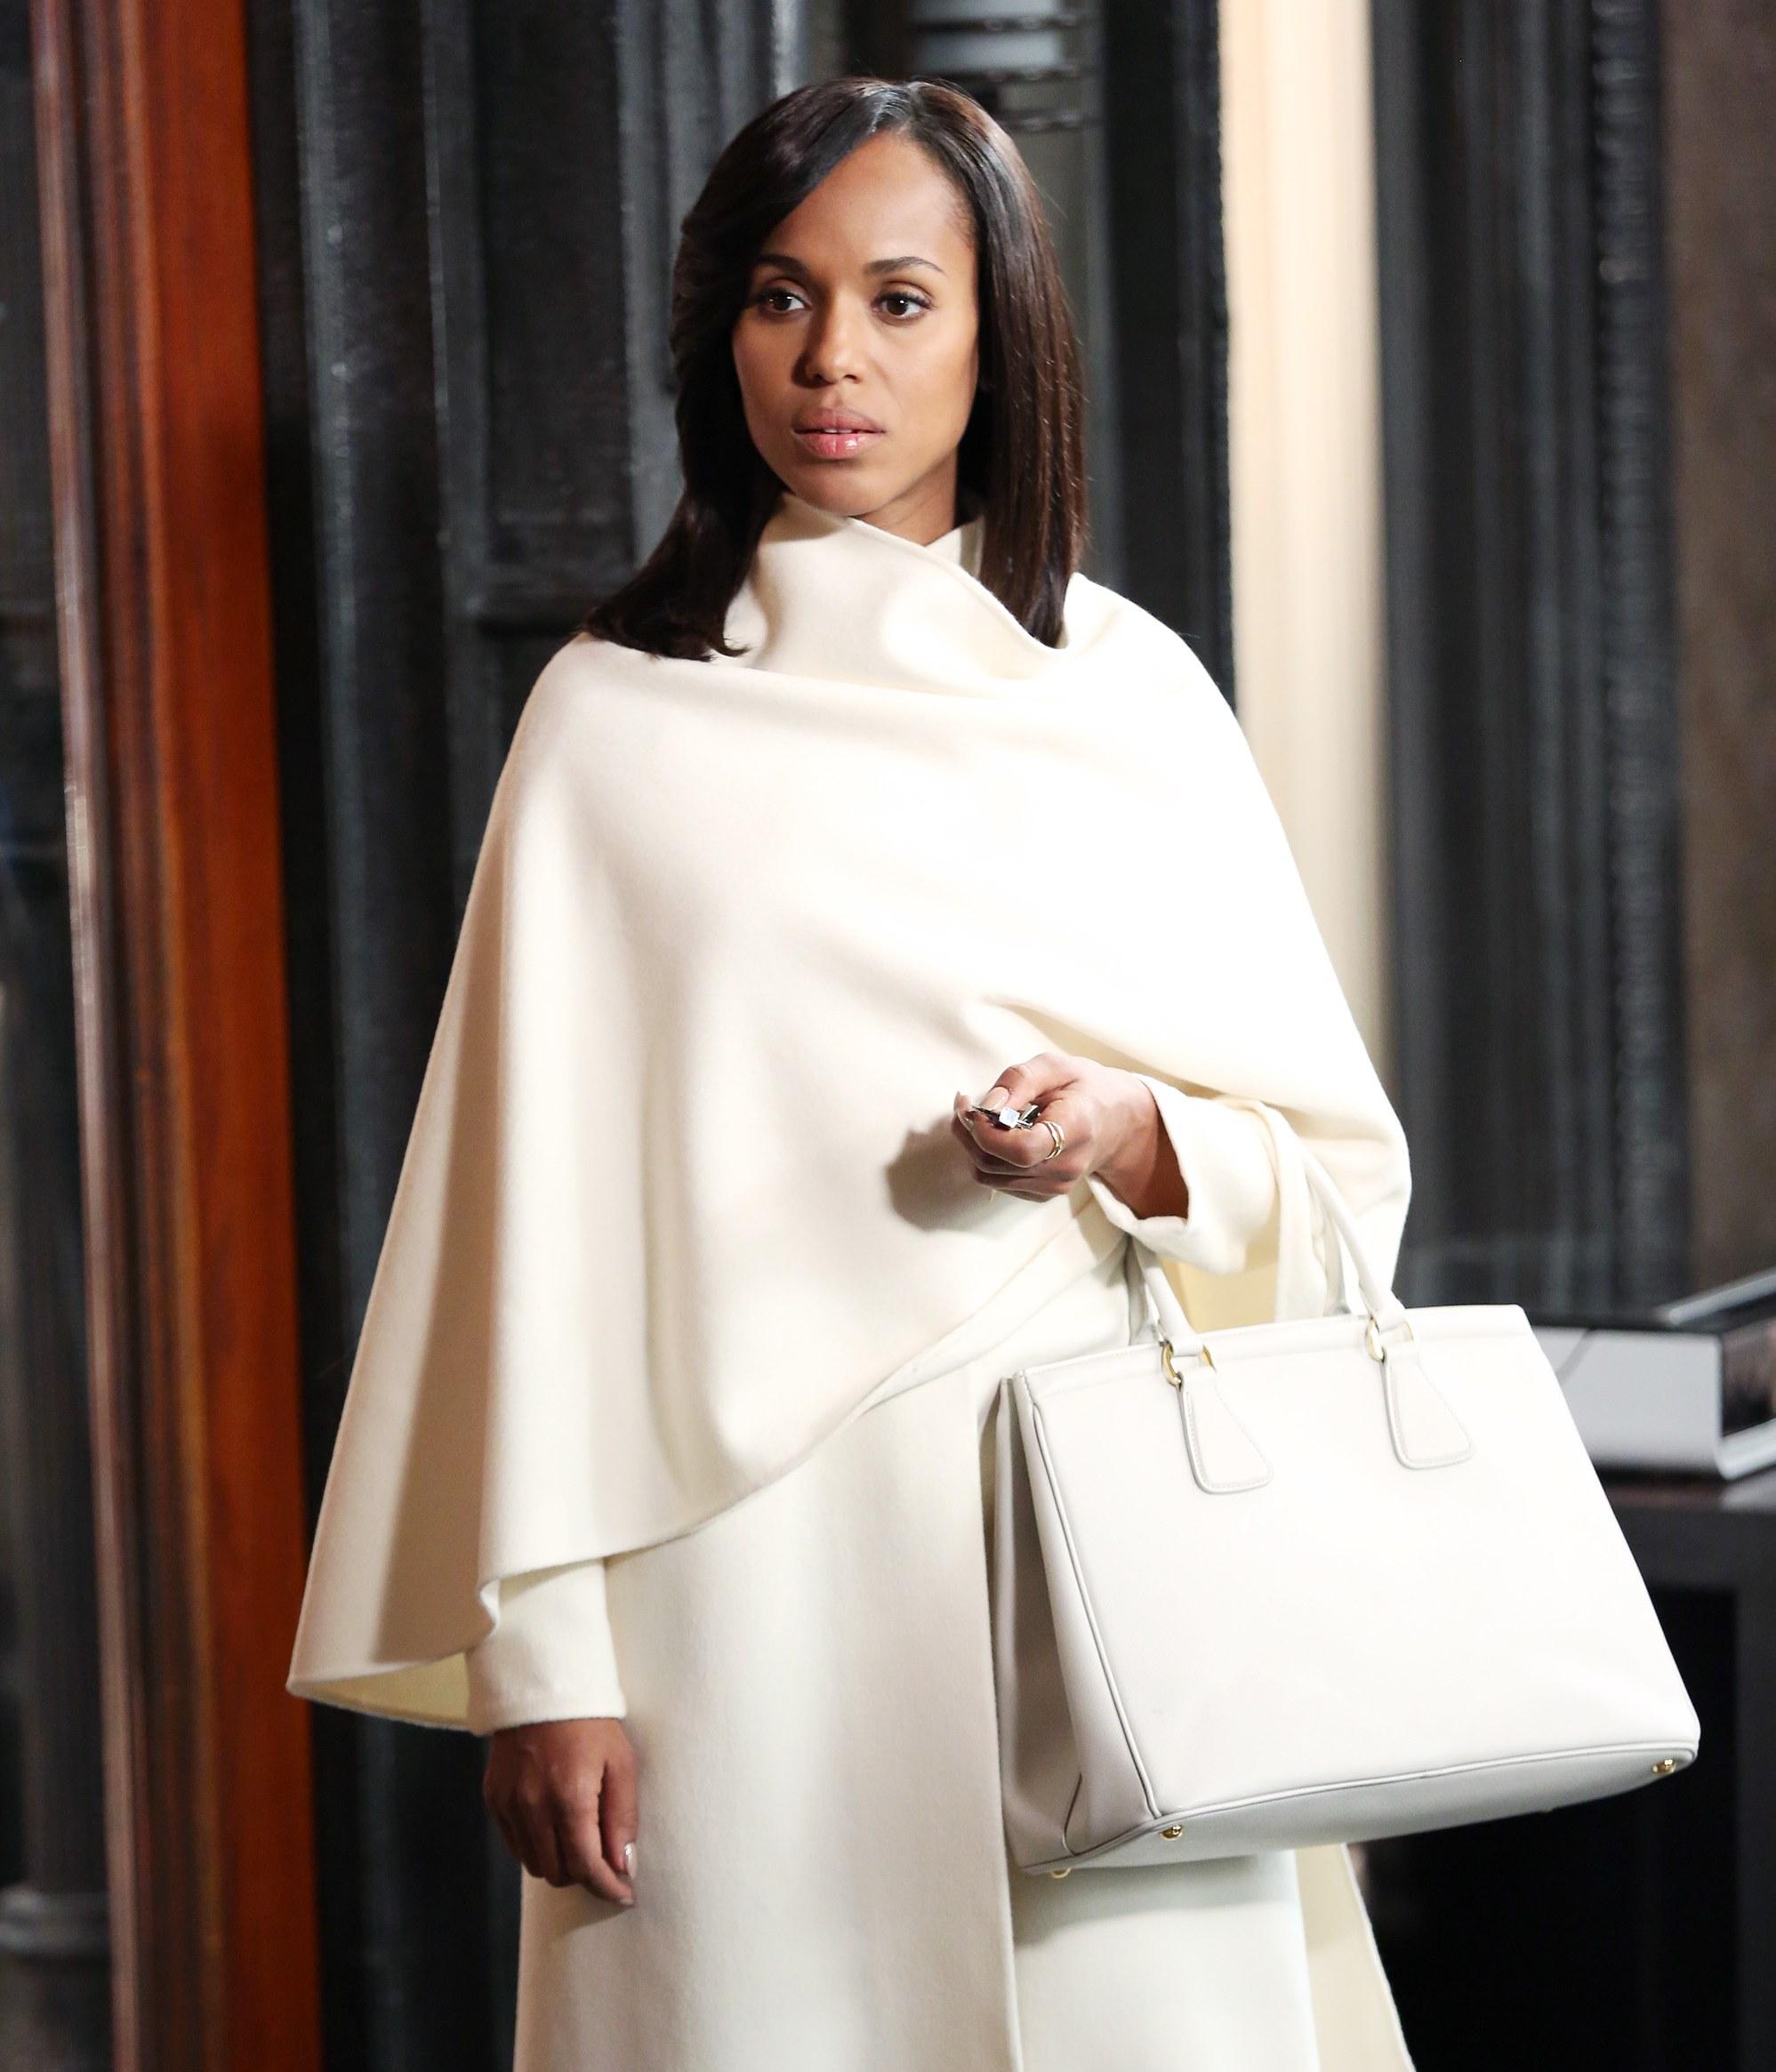 A Botrány Olivia Pope-ja gyakran hárított el krízishelyzeteket, de ruhásakat ritkán. Nézzétek ezt a kabátot!